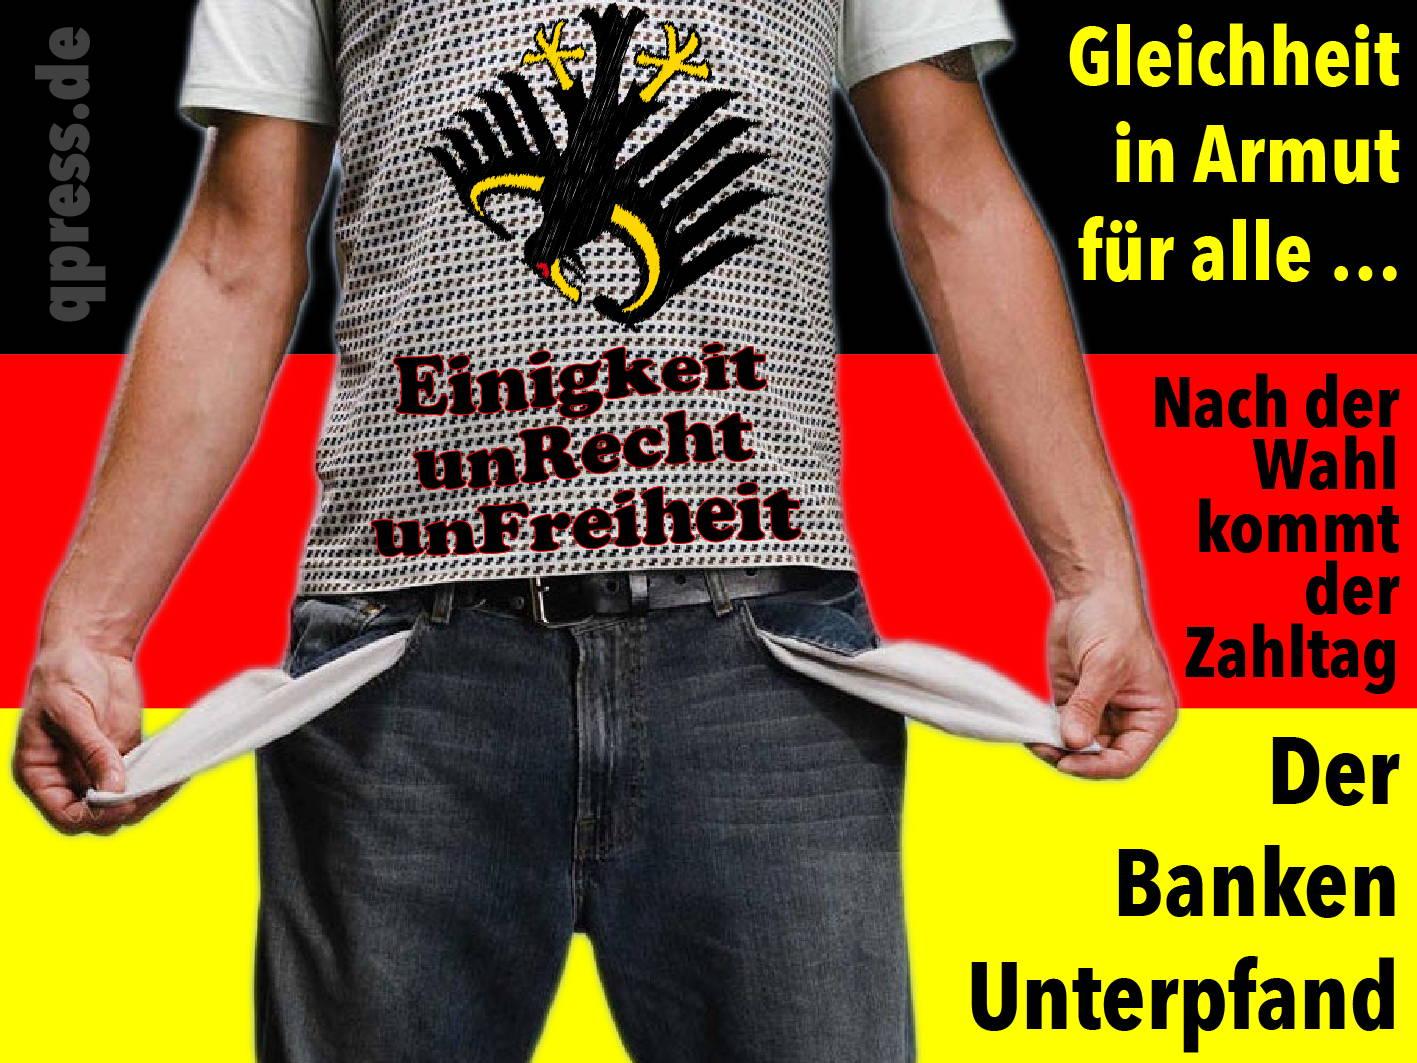 Das Kanzler-Duell, Hornberger Schießen mit 80 Millionen Betroffenen einigkeit_unrecht_unfreiheit_in_armut_deutschland_altersarmut_qpress